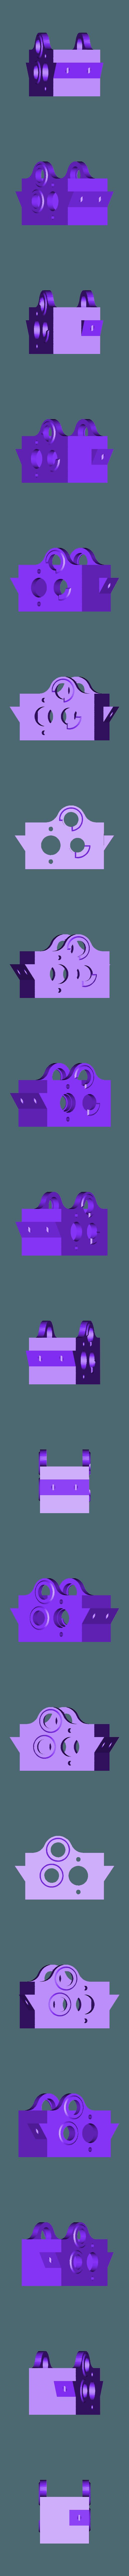 mount2.STL Télécharger fichier STL gratuit Camion Imprimé : Boîte de vitesses Rapport de démultiplication 18:1 à engrenages hélicoïdaux • Plan pour imprimante 3D, MrCrankyface